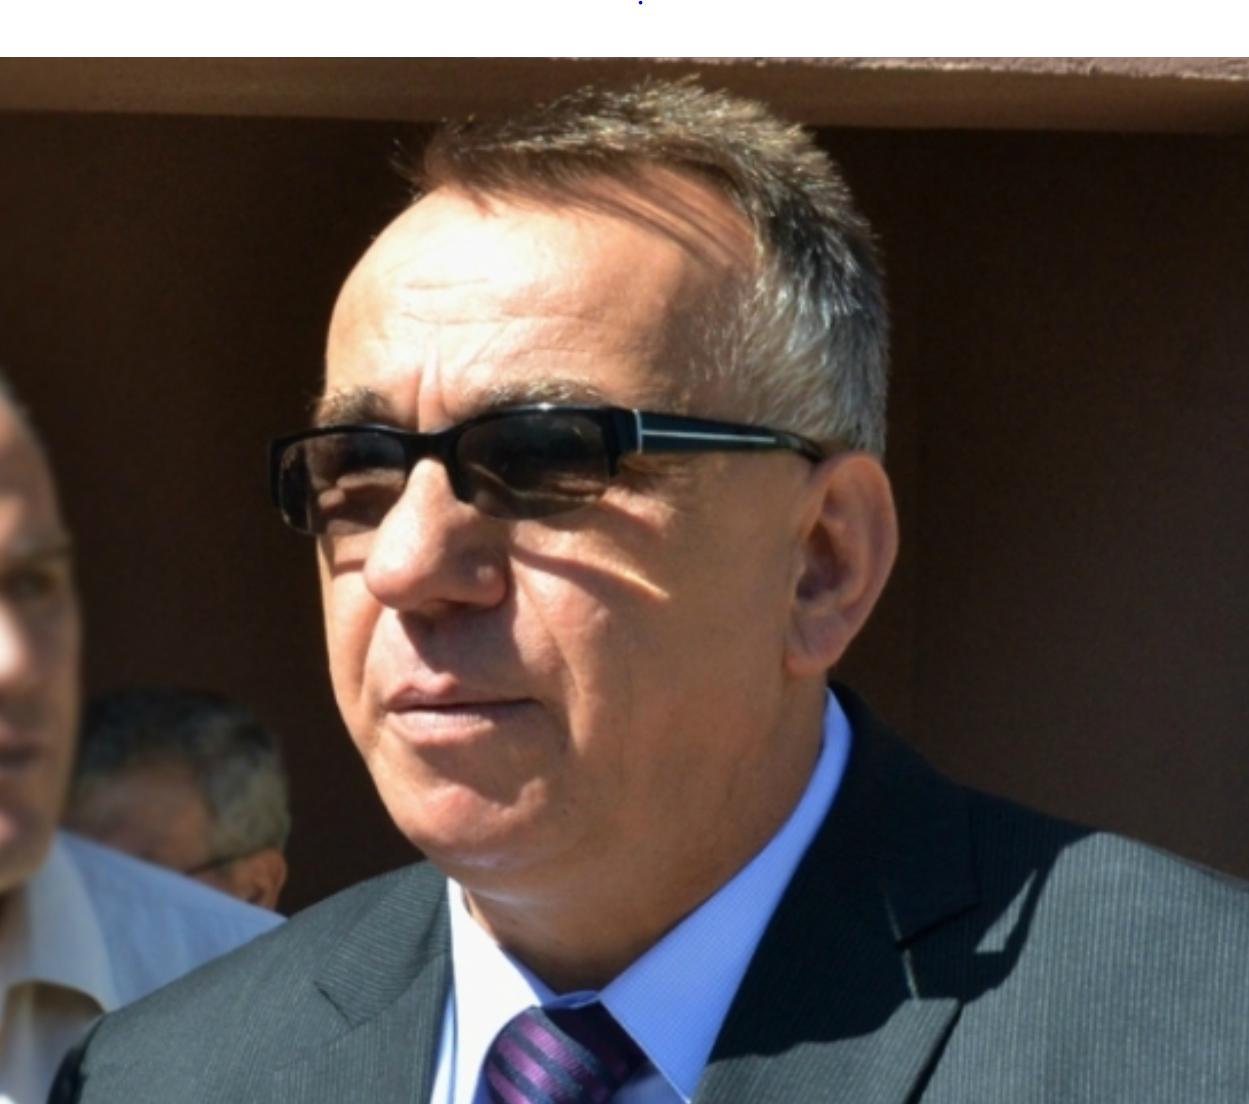 Ish rektori Enver Hasani  fajtor në aferën e përkthimeve  1 vjet burg me kusht